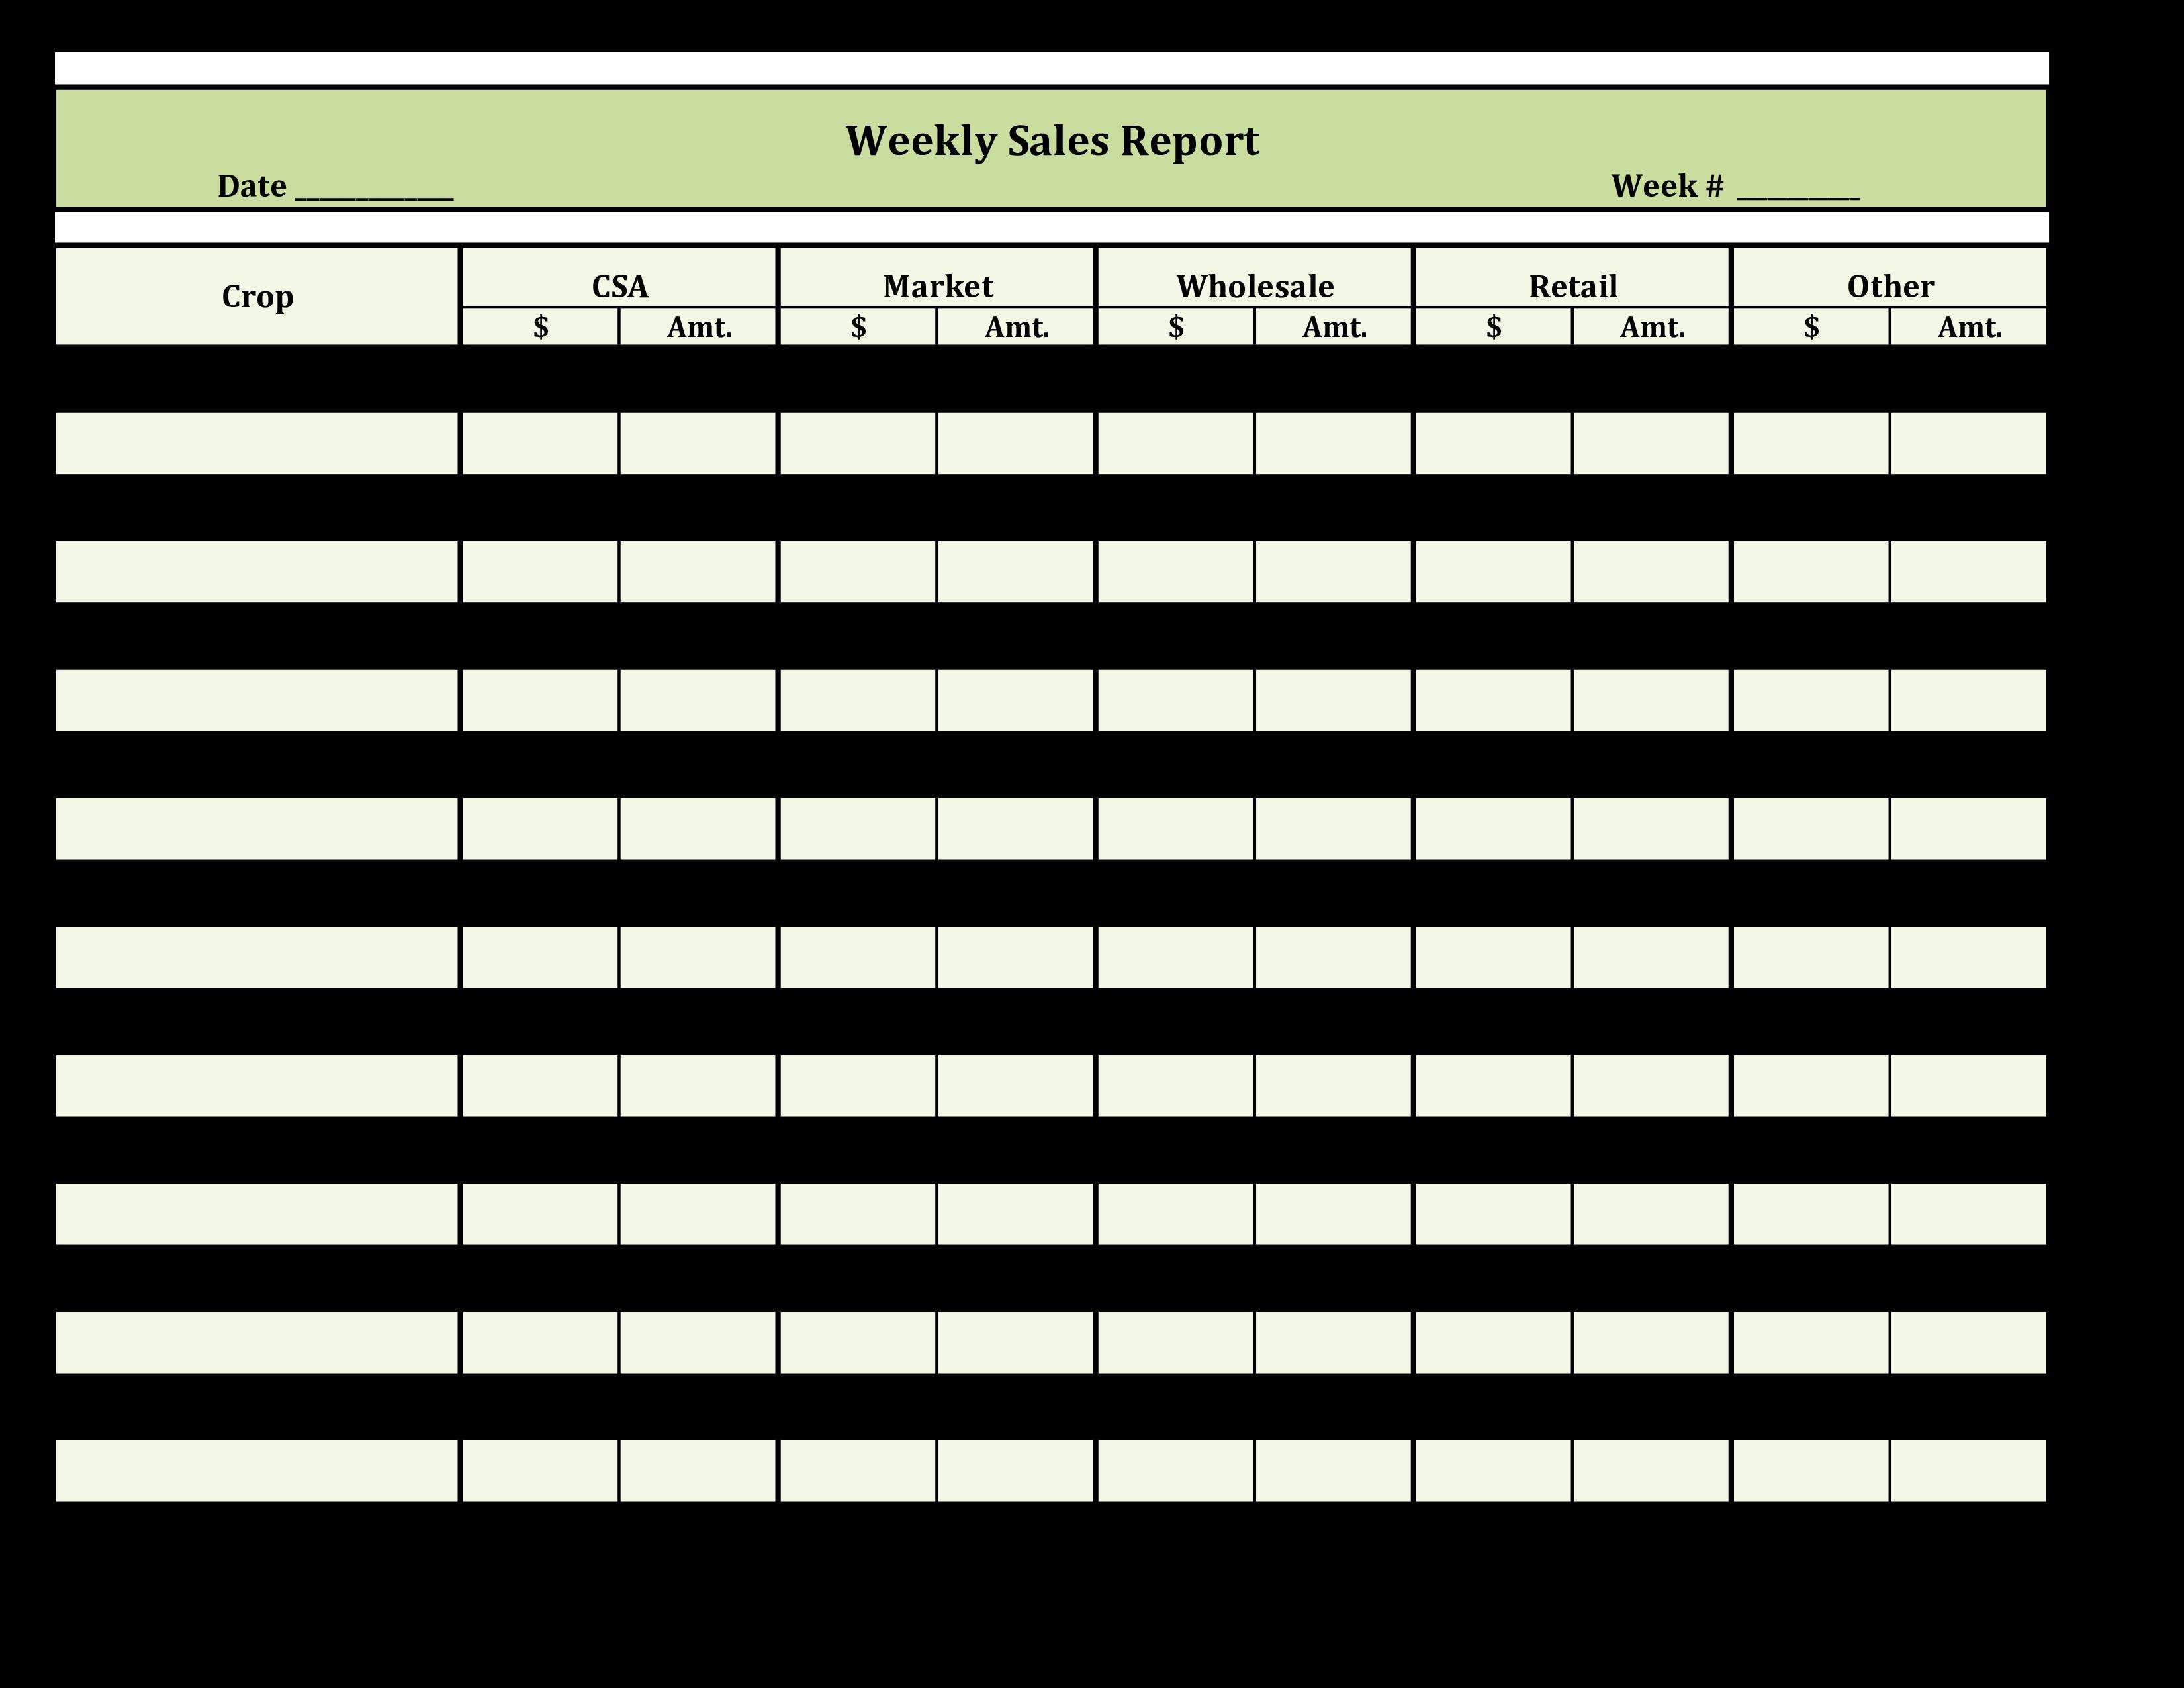 Weekly Sales Report Template Elegant Free Weekly Retail Sales Report